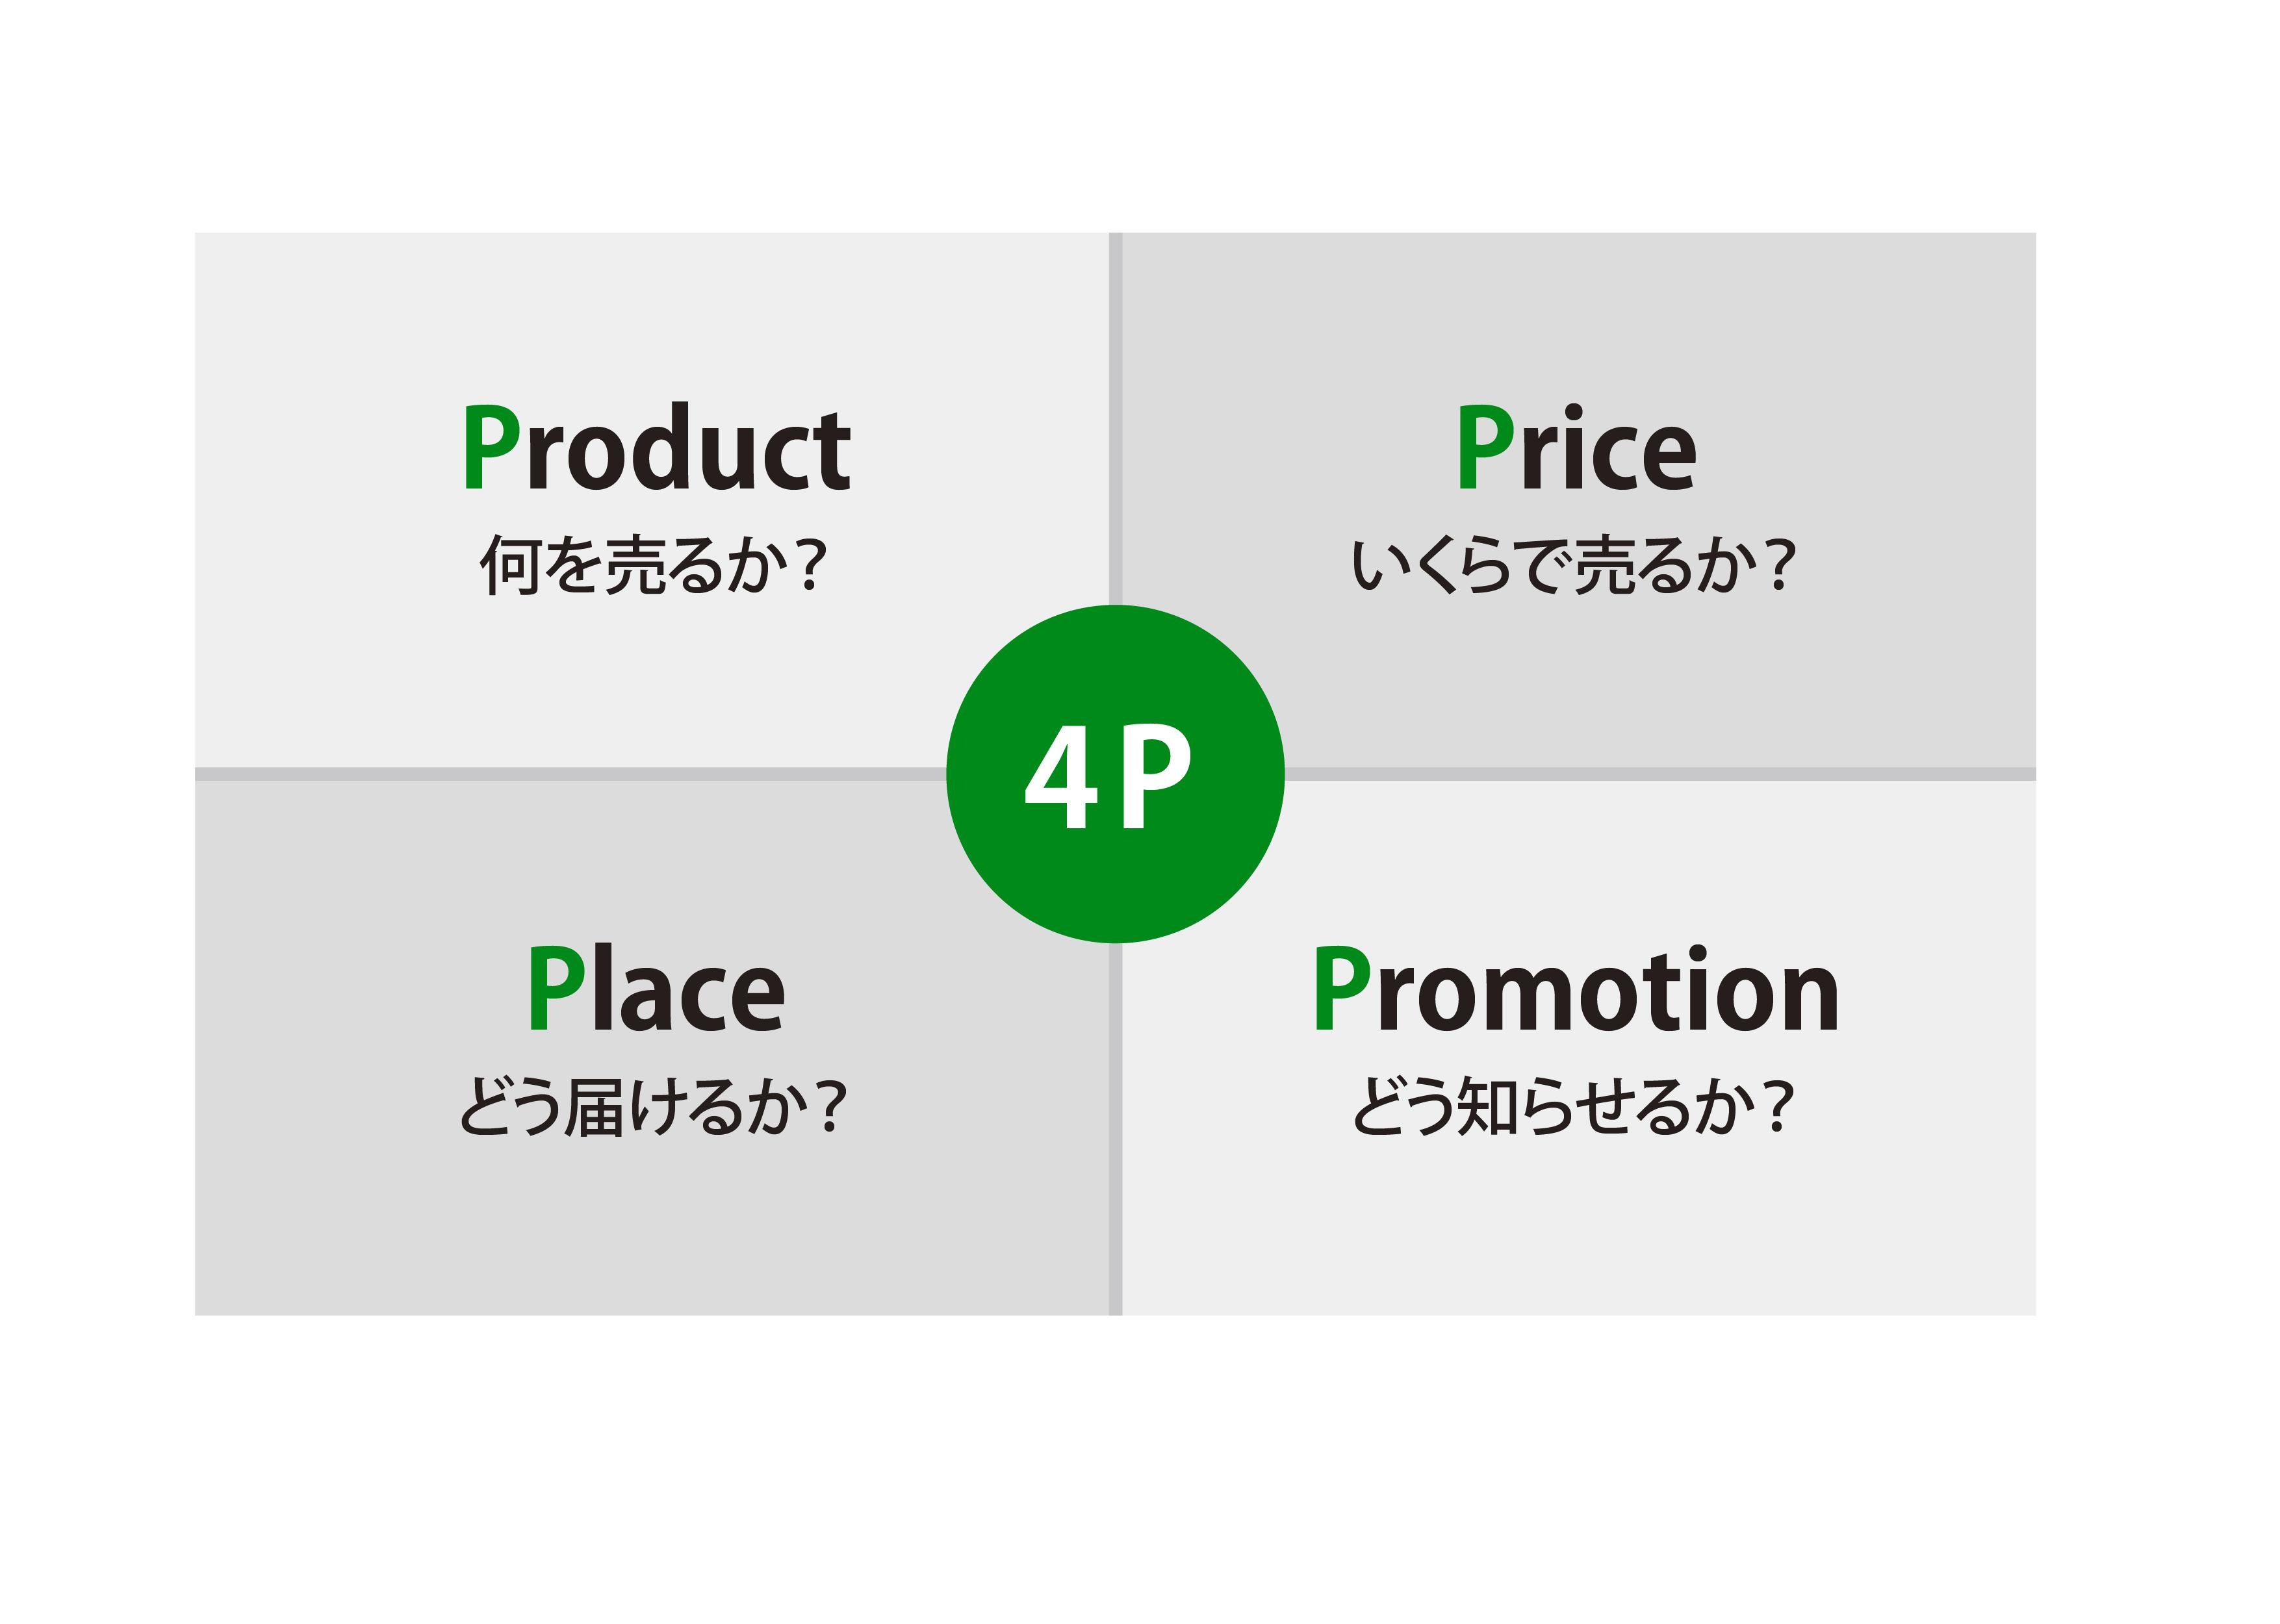 4P分析のイメージ画像 Product(何を売るか?)、Price(いくらで売るか?)、Place(どう届けるか?)、Promotion(どう知らせるか?)で成り立つ